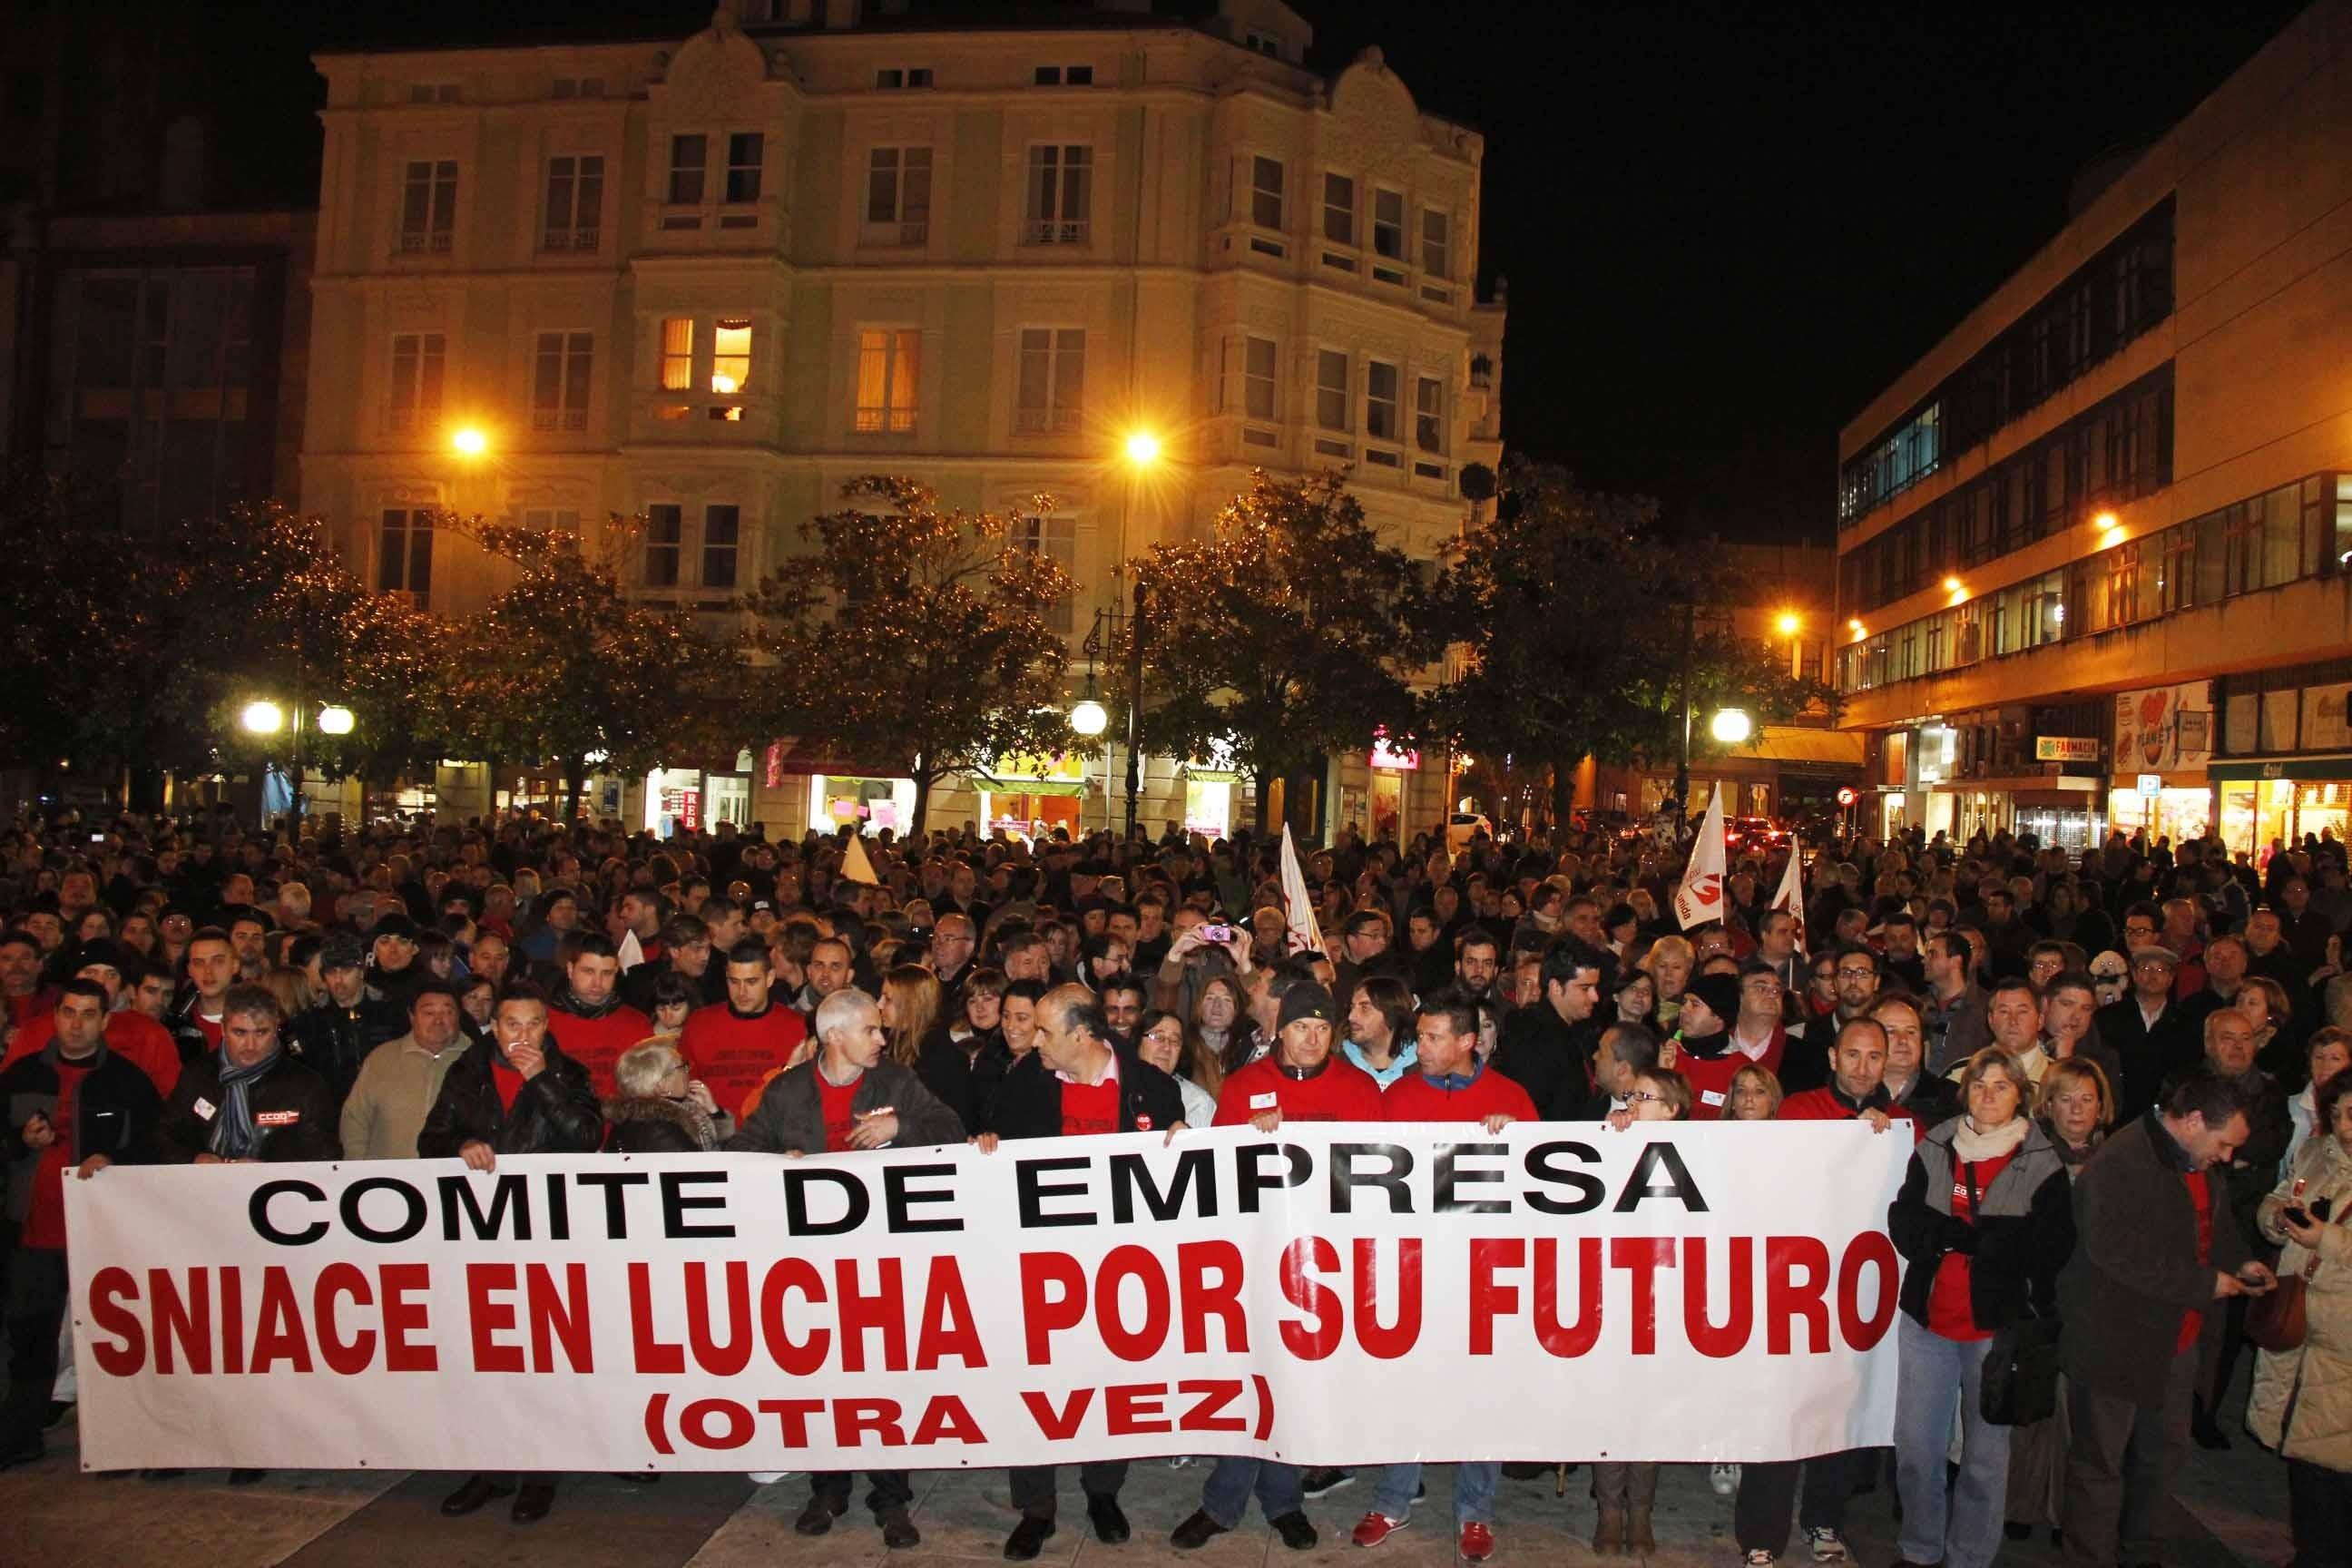 Participación total en el primer día de huelga en Sniace